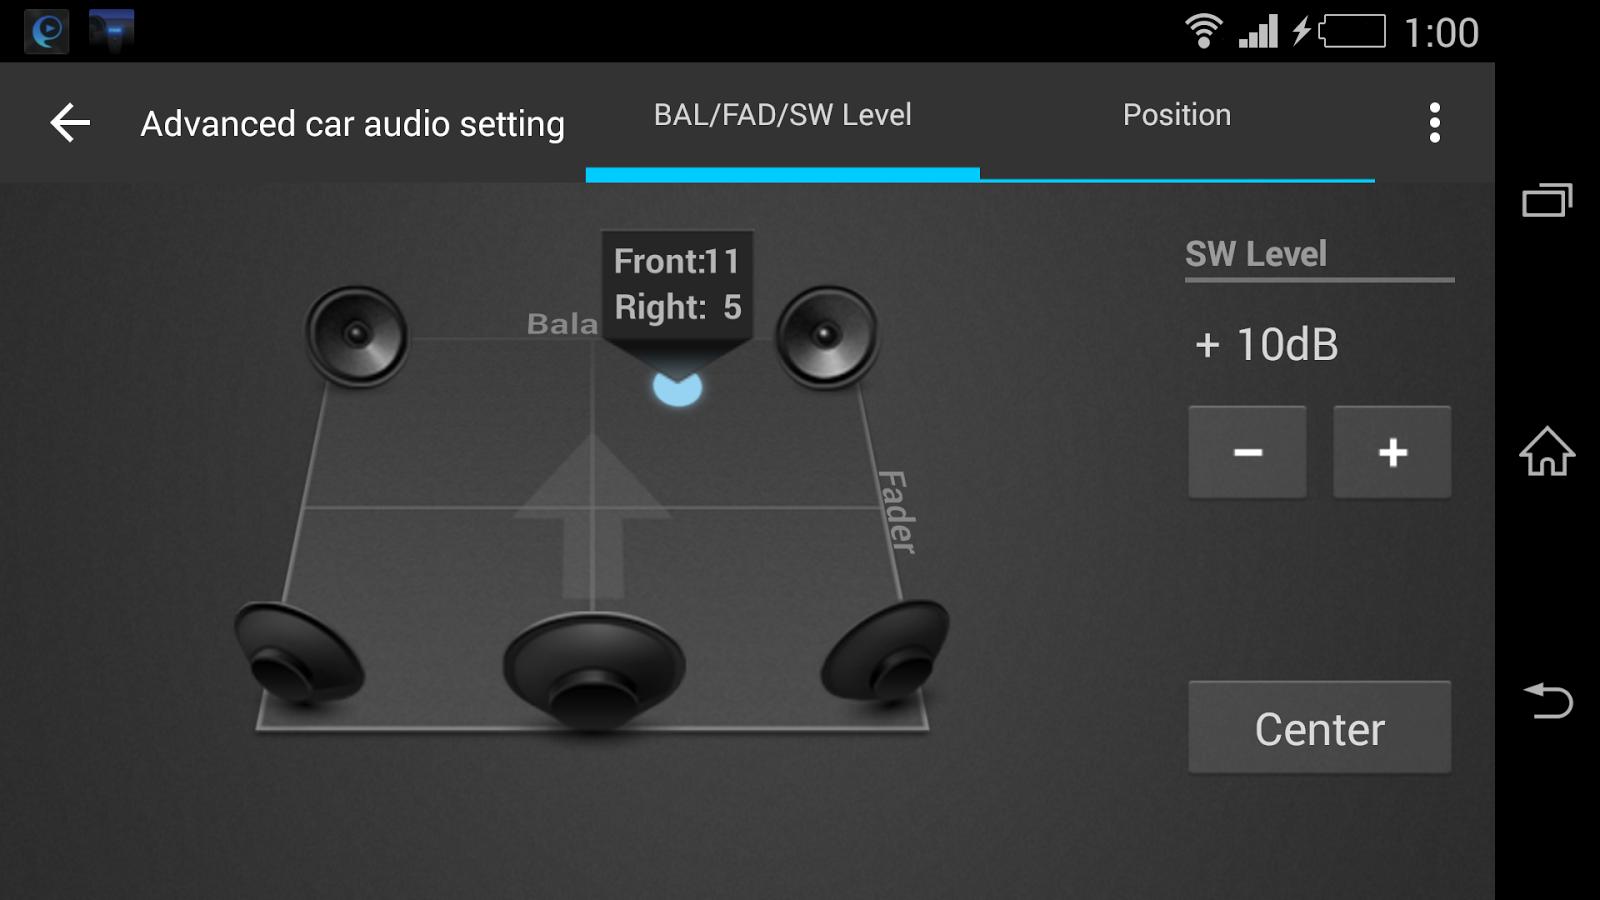 Home Sound System Using Car Audio